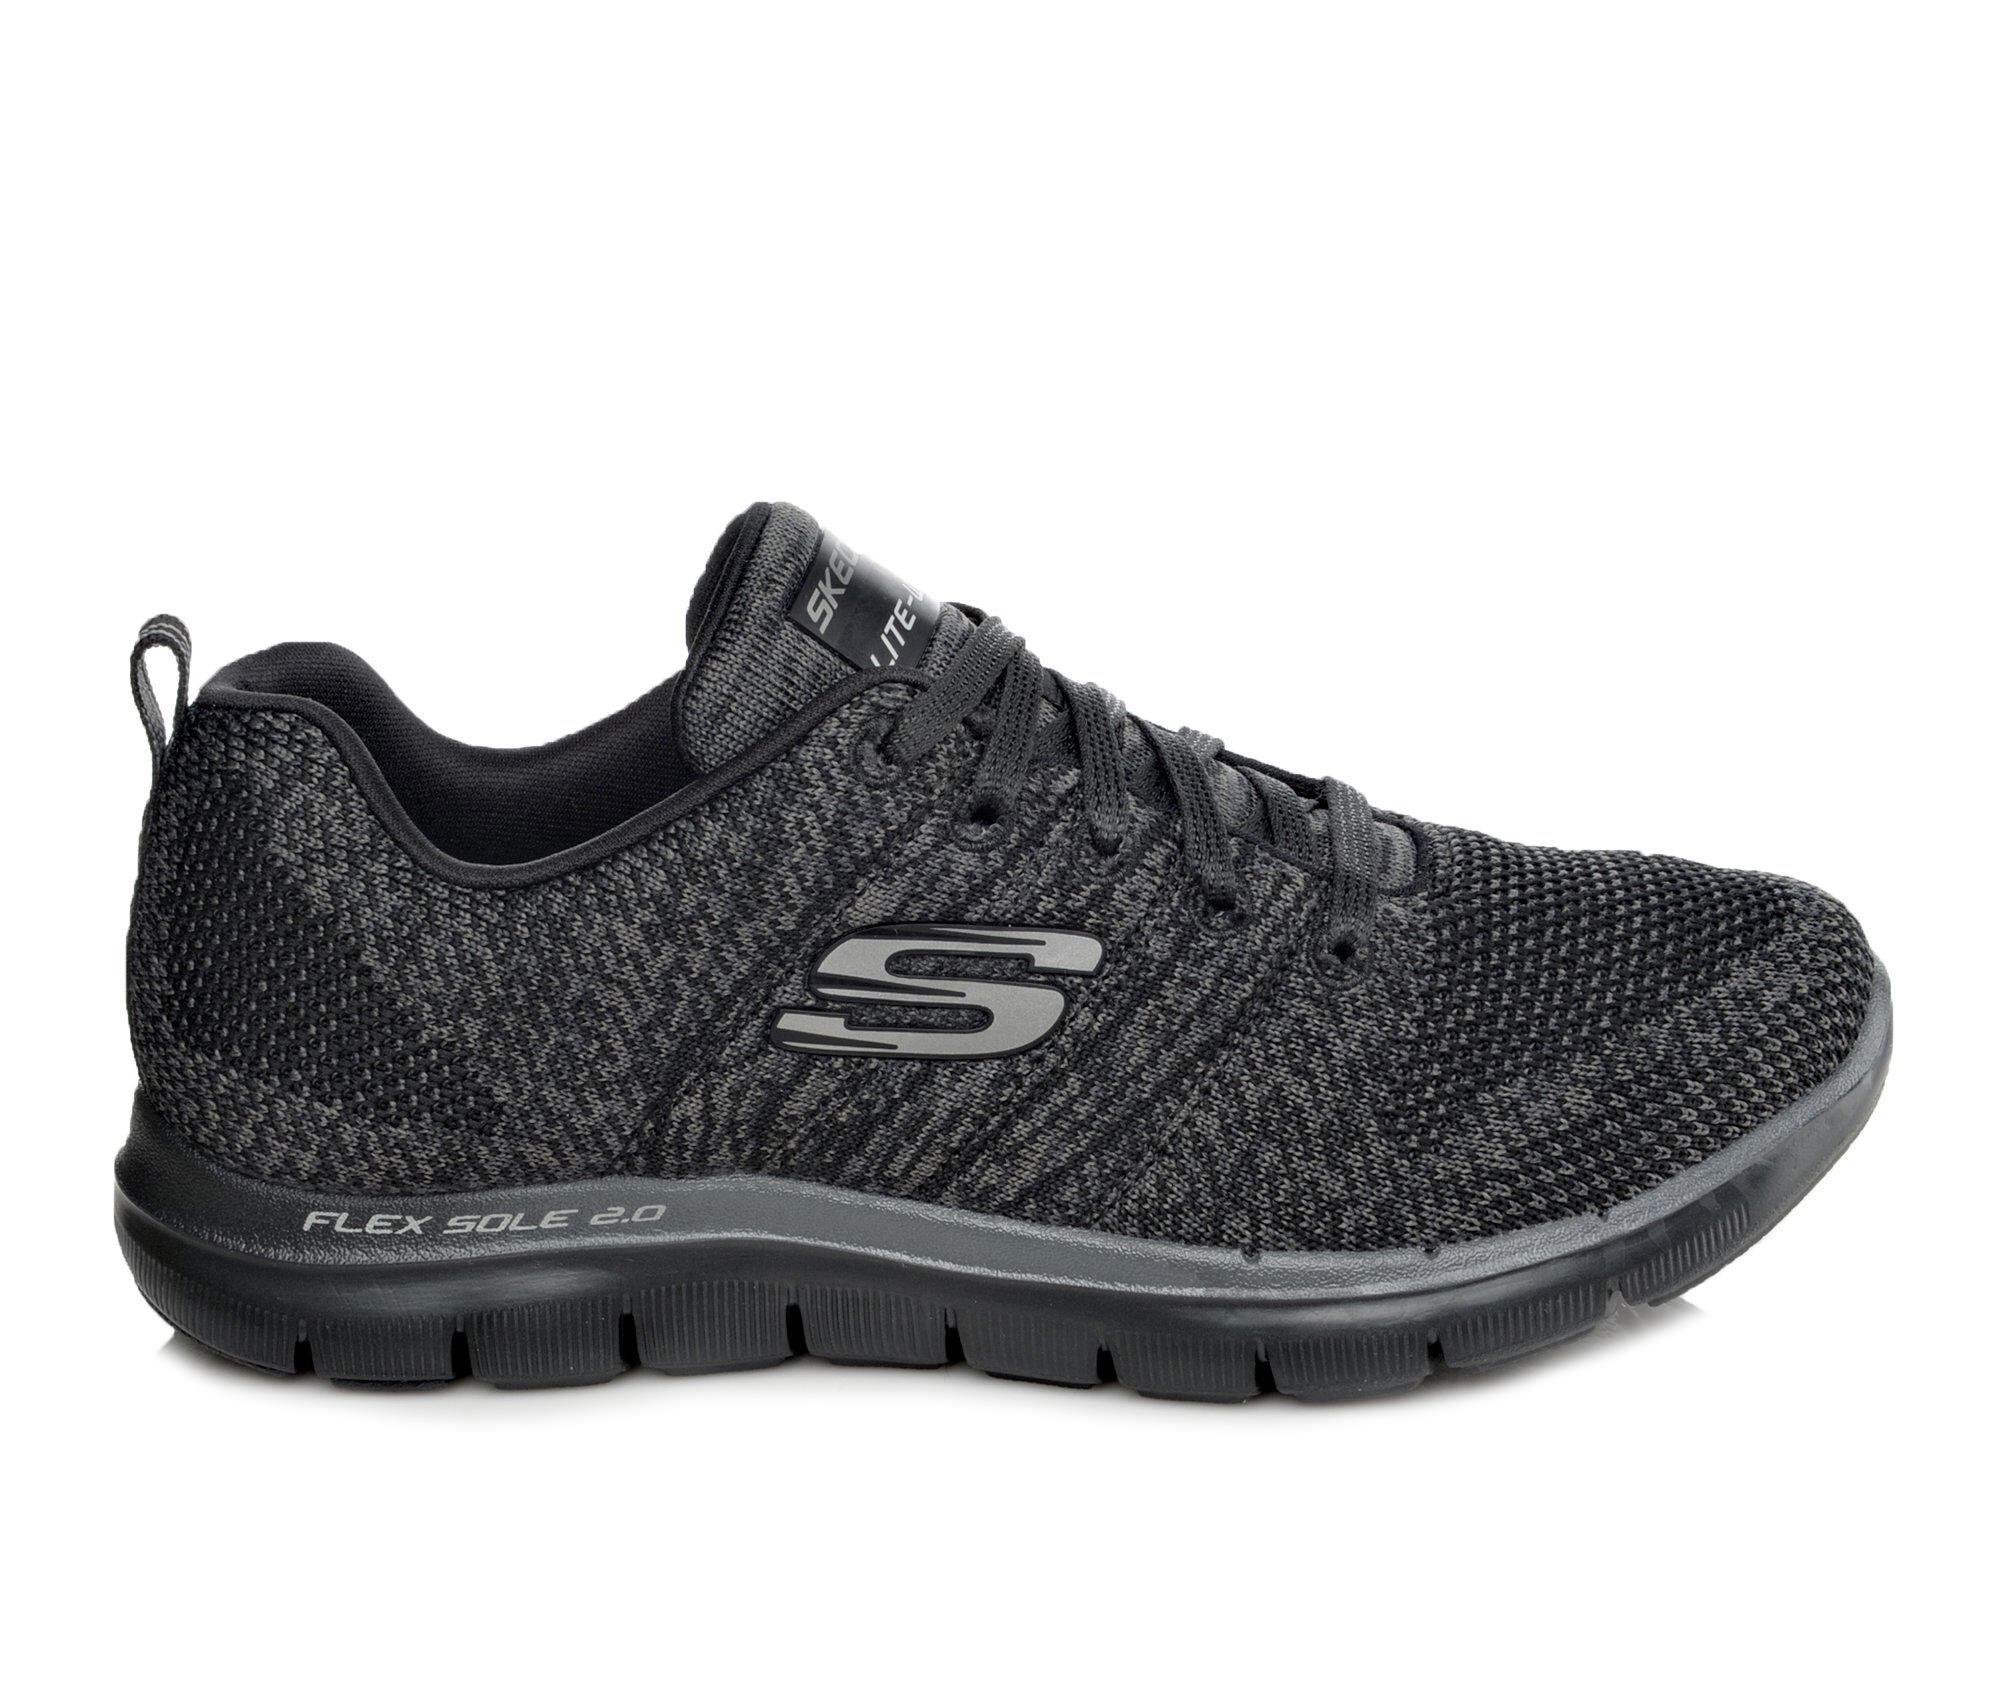 Women's Skechers High Energy 12756 Sneakers sale visa payment wLfc2iO1z